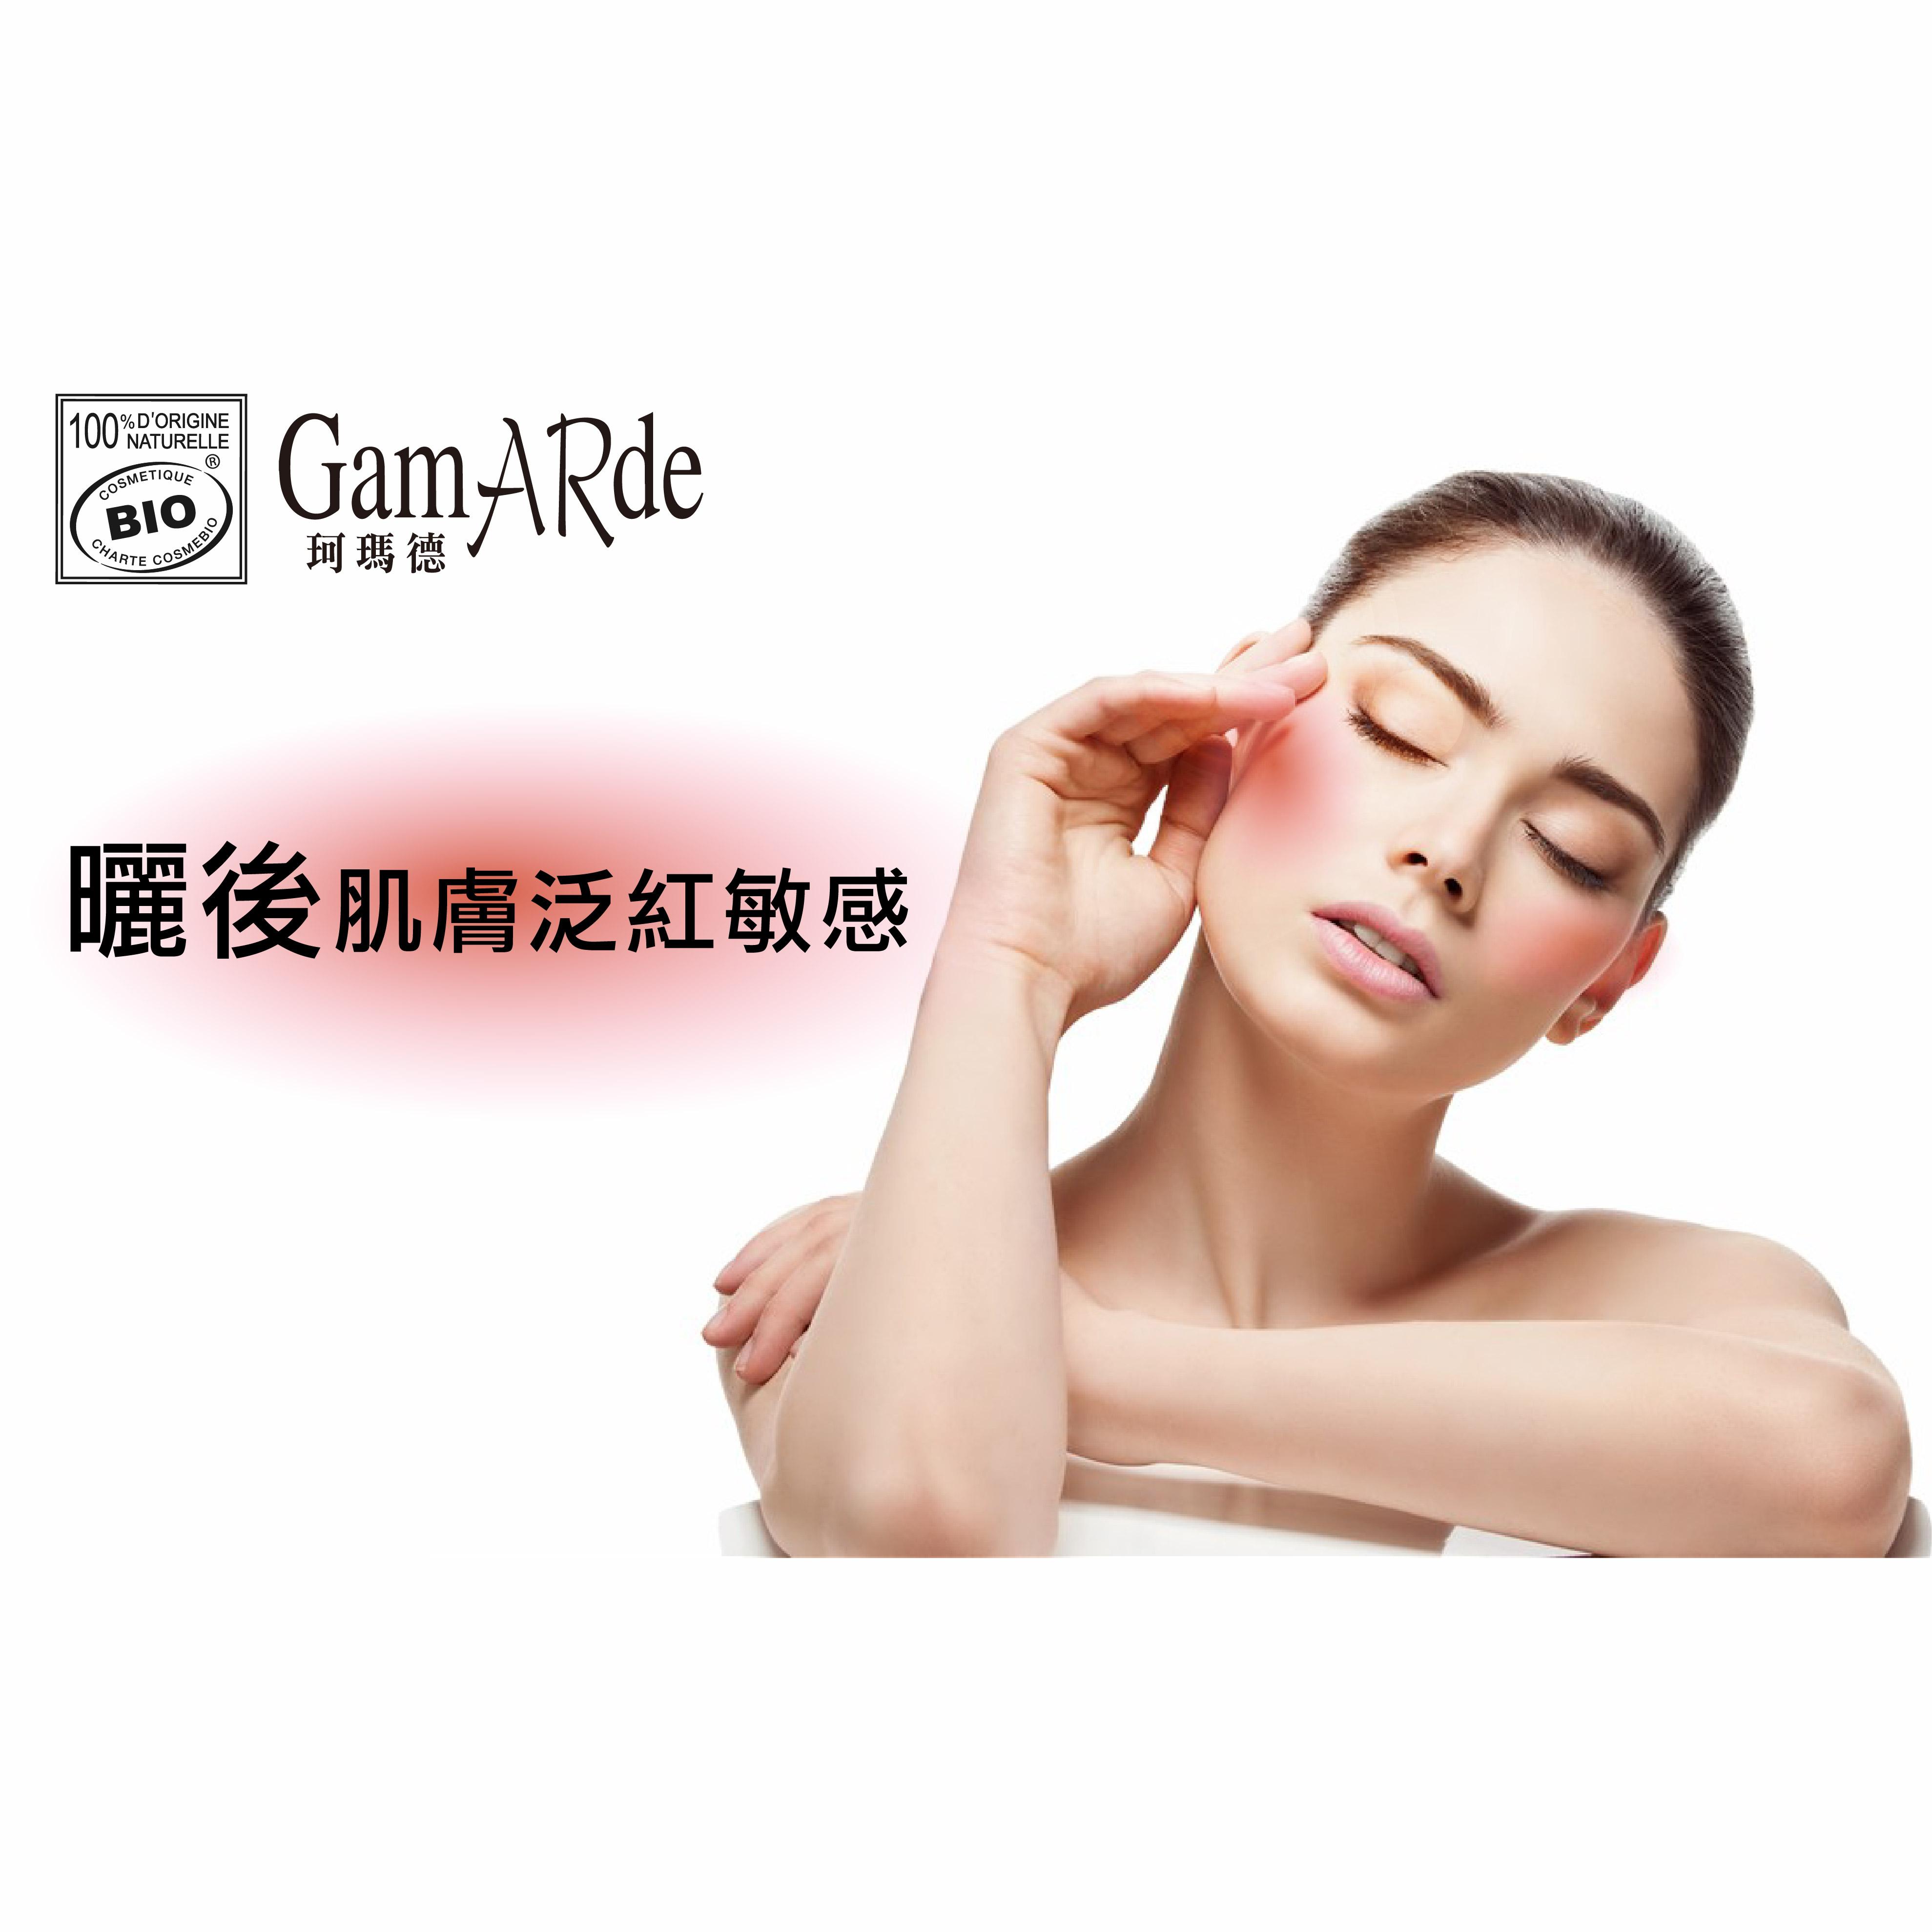 曬後肌膚泛紅敏感-瞬效鎮定敏弱肌、舒緩降溫